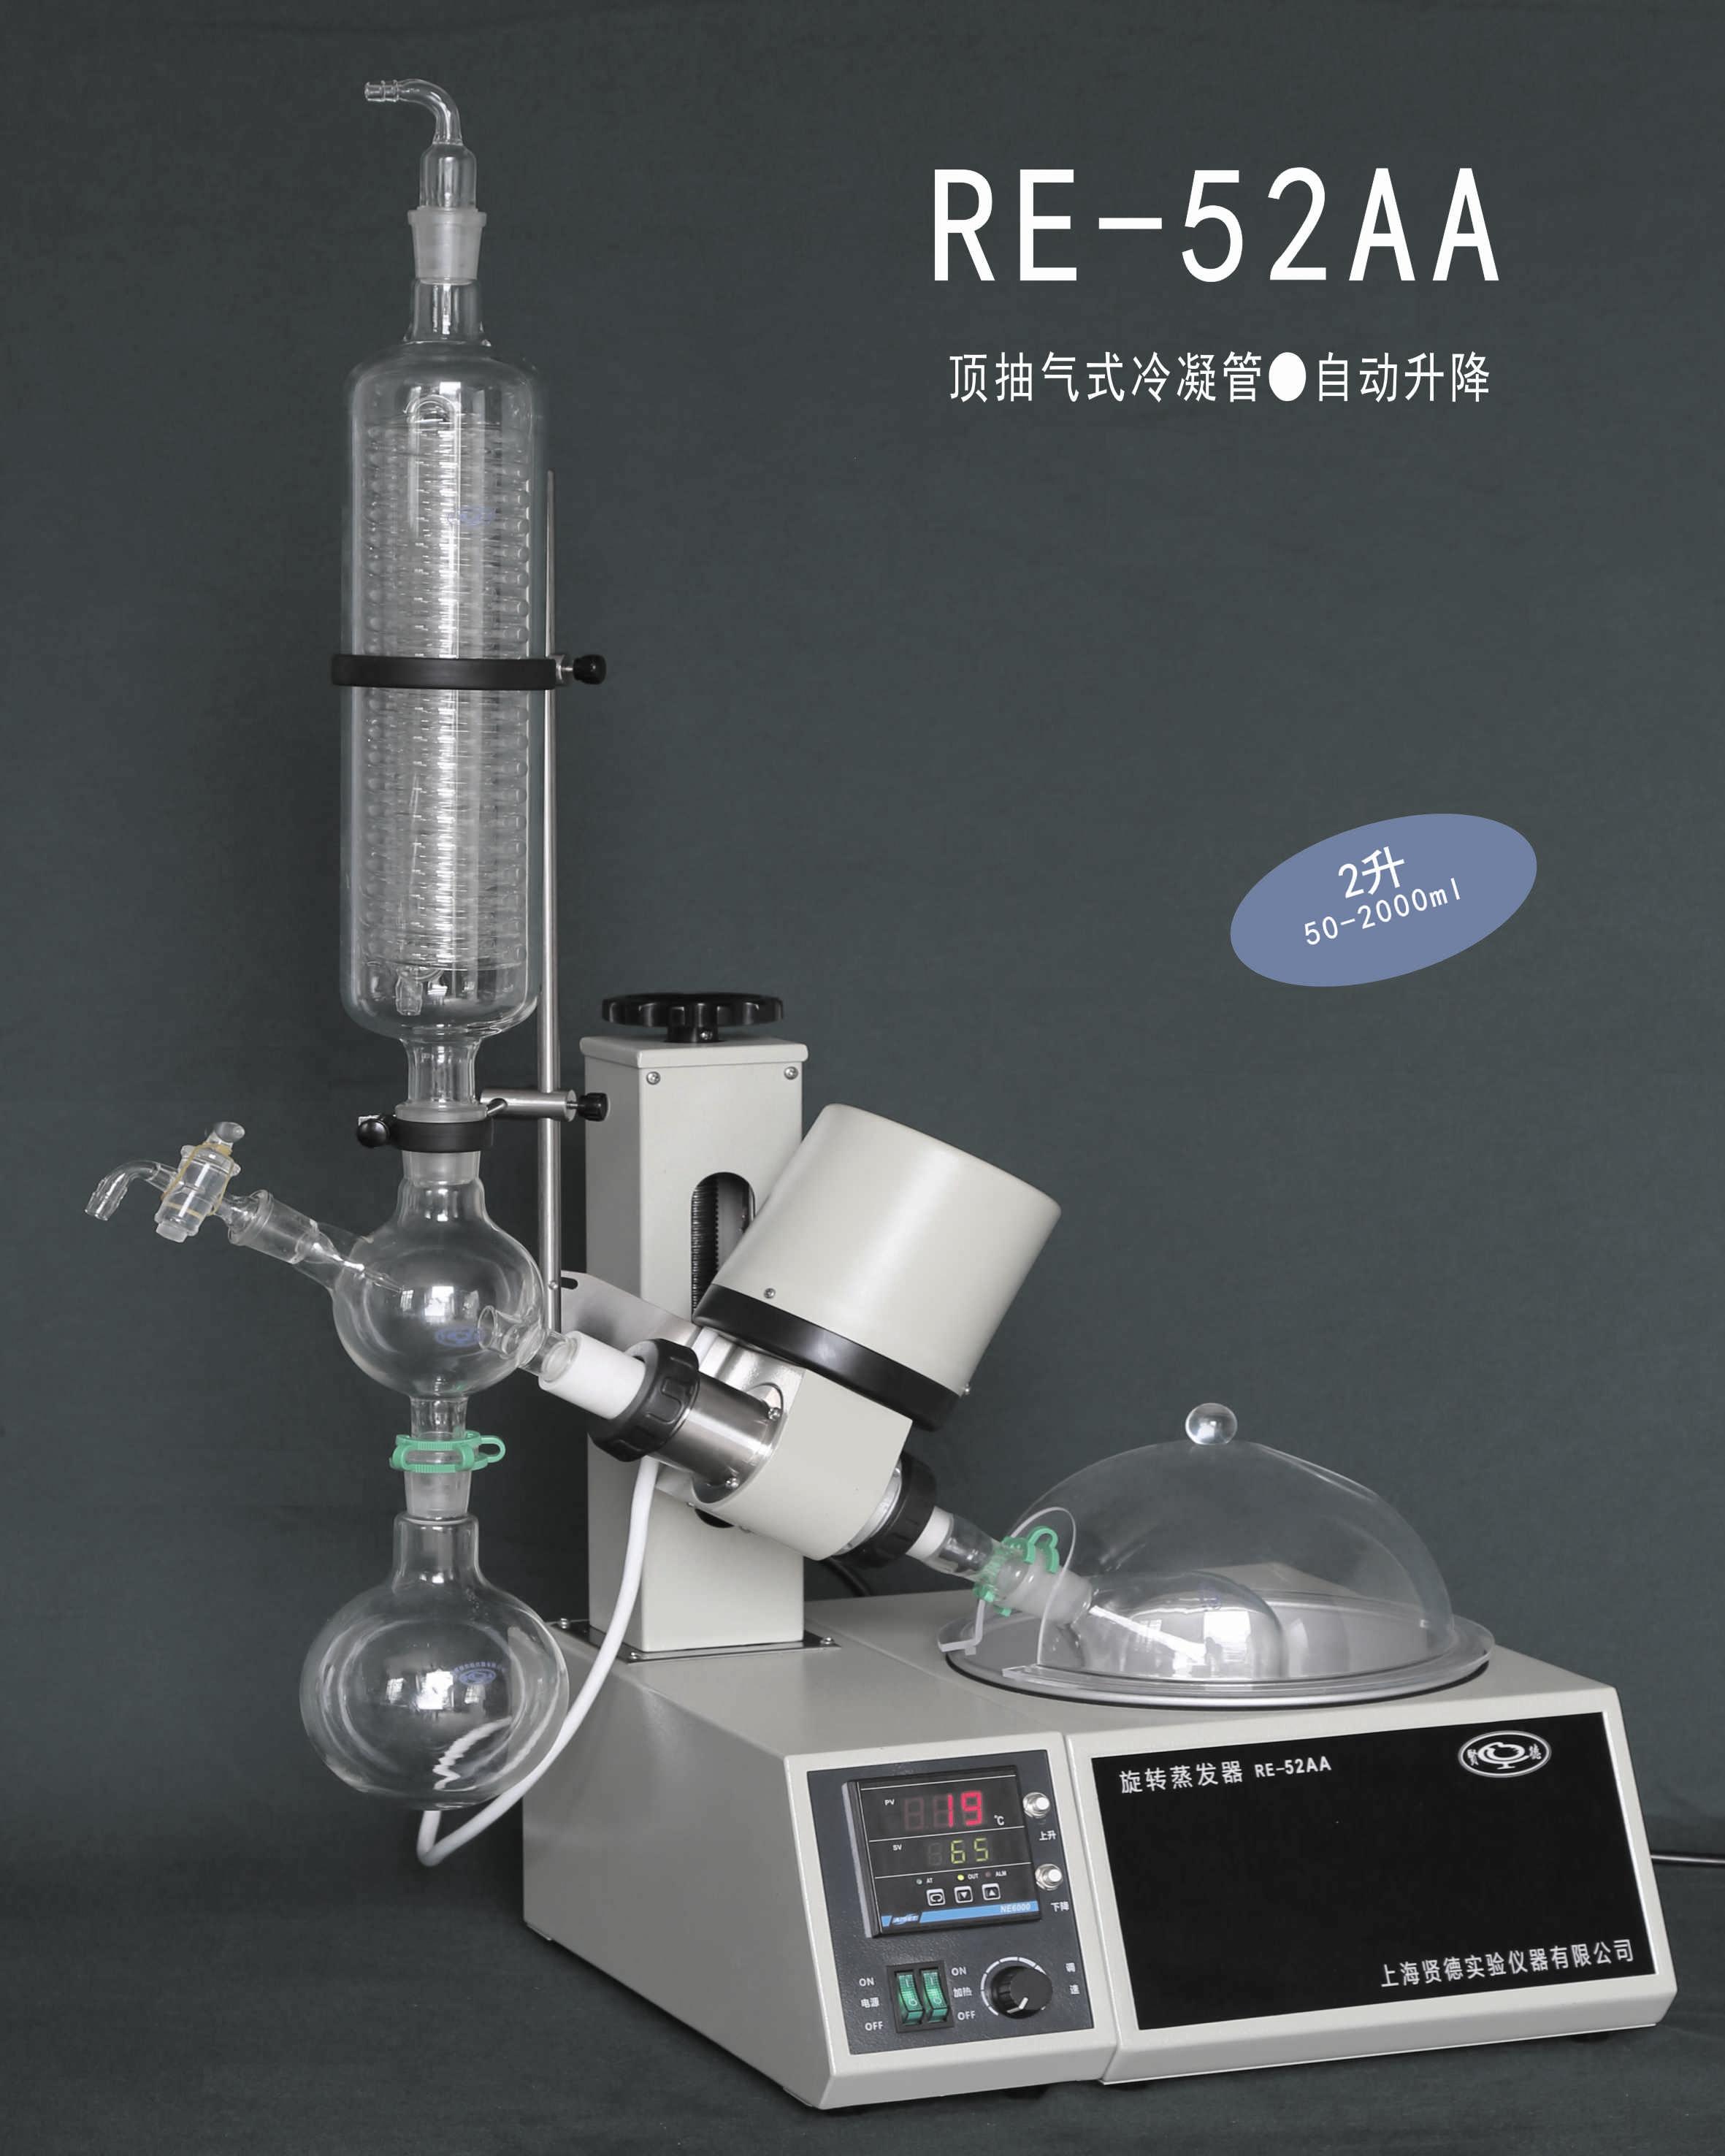 上海贤德旋转蒸发仪XD-52AA(原RE-52AA)旋转蒸发器2升水浴【新款】